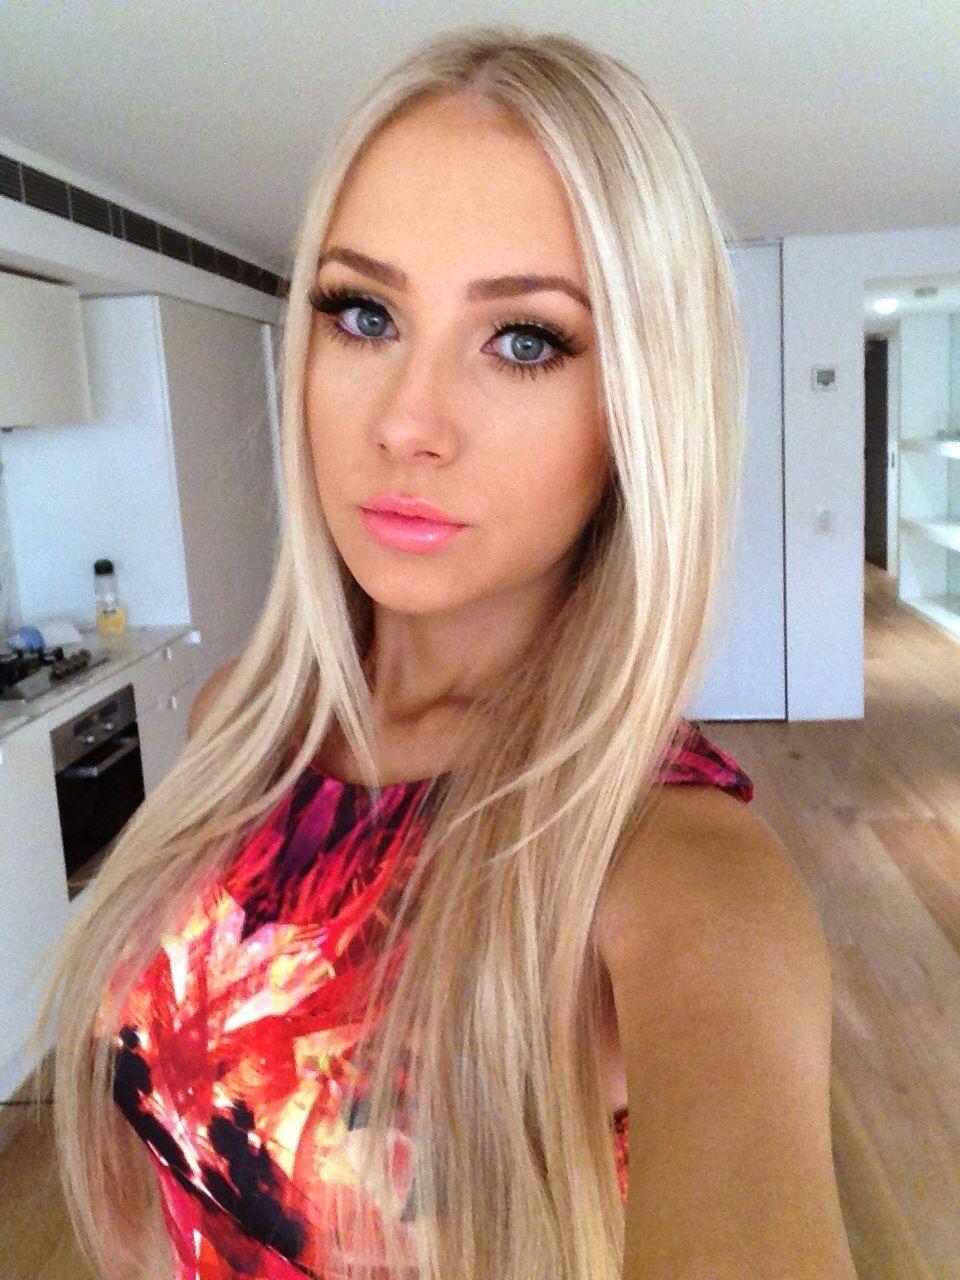 MAC Coral Bliss lipstick | Lauren Curtis | Pinterest | Mac ...